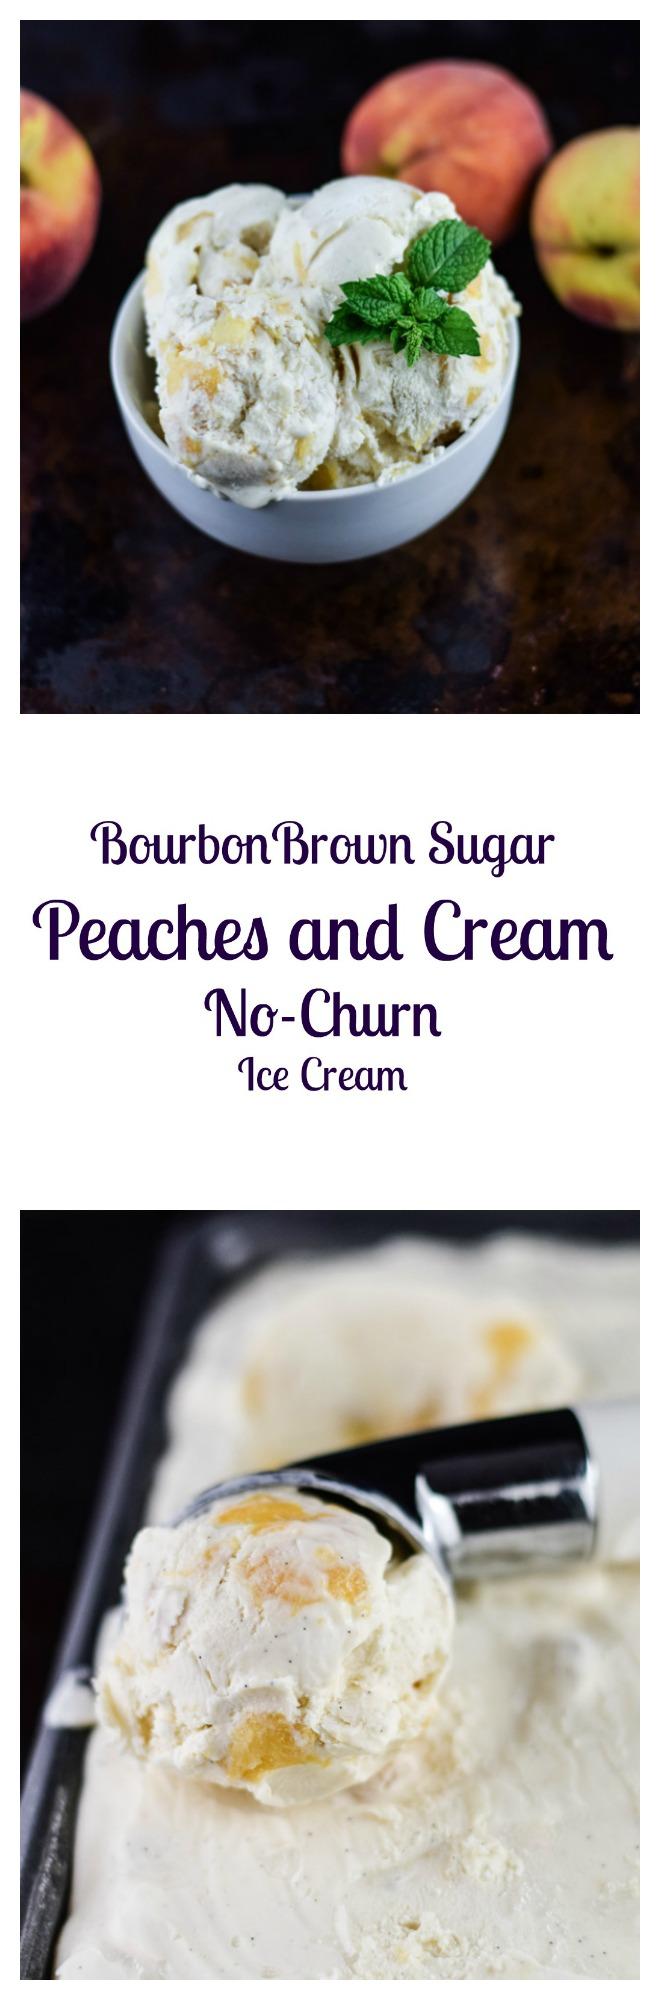 Bourbon Brown Sugar Peaches and Cream No-Churn Ice Cream ...